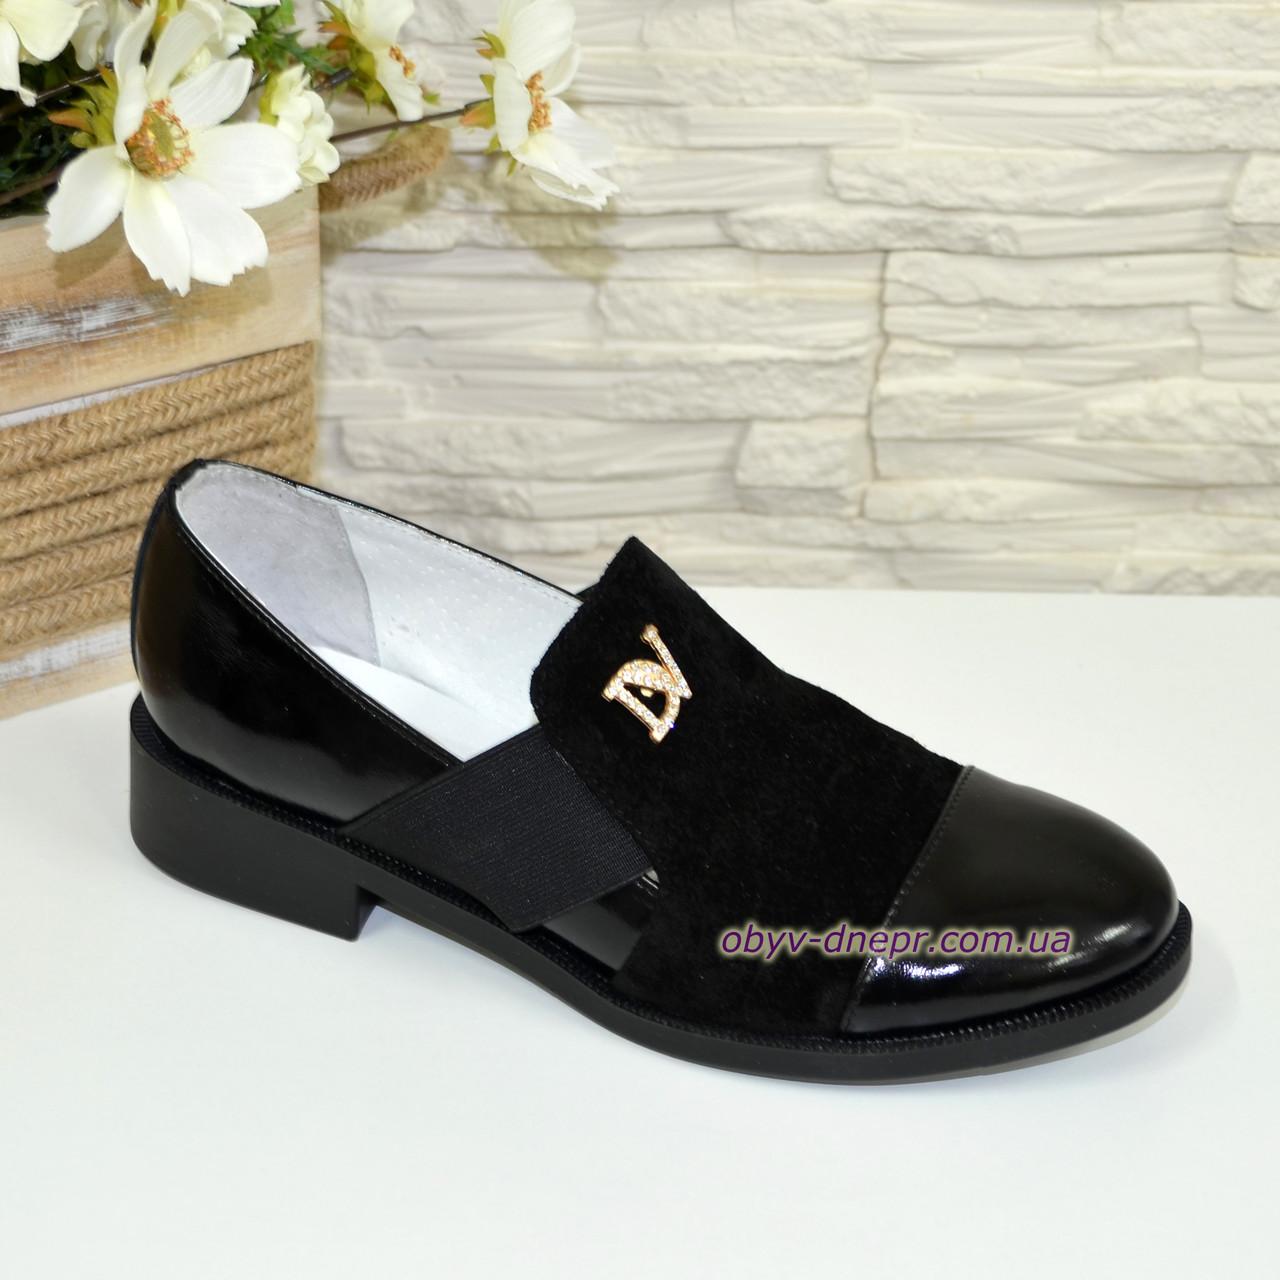 Туфли женские черные на низком ходу, натуральная замша и лак